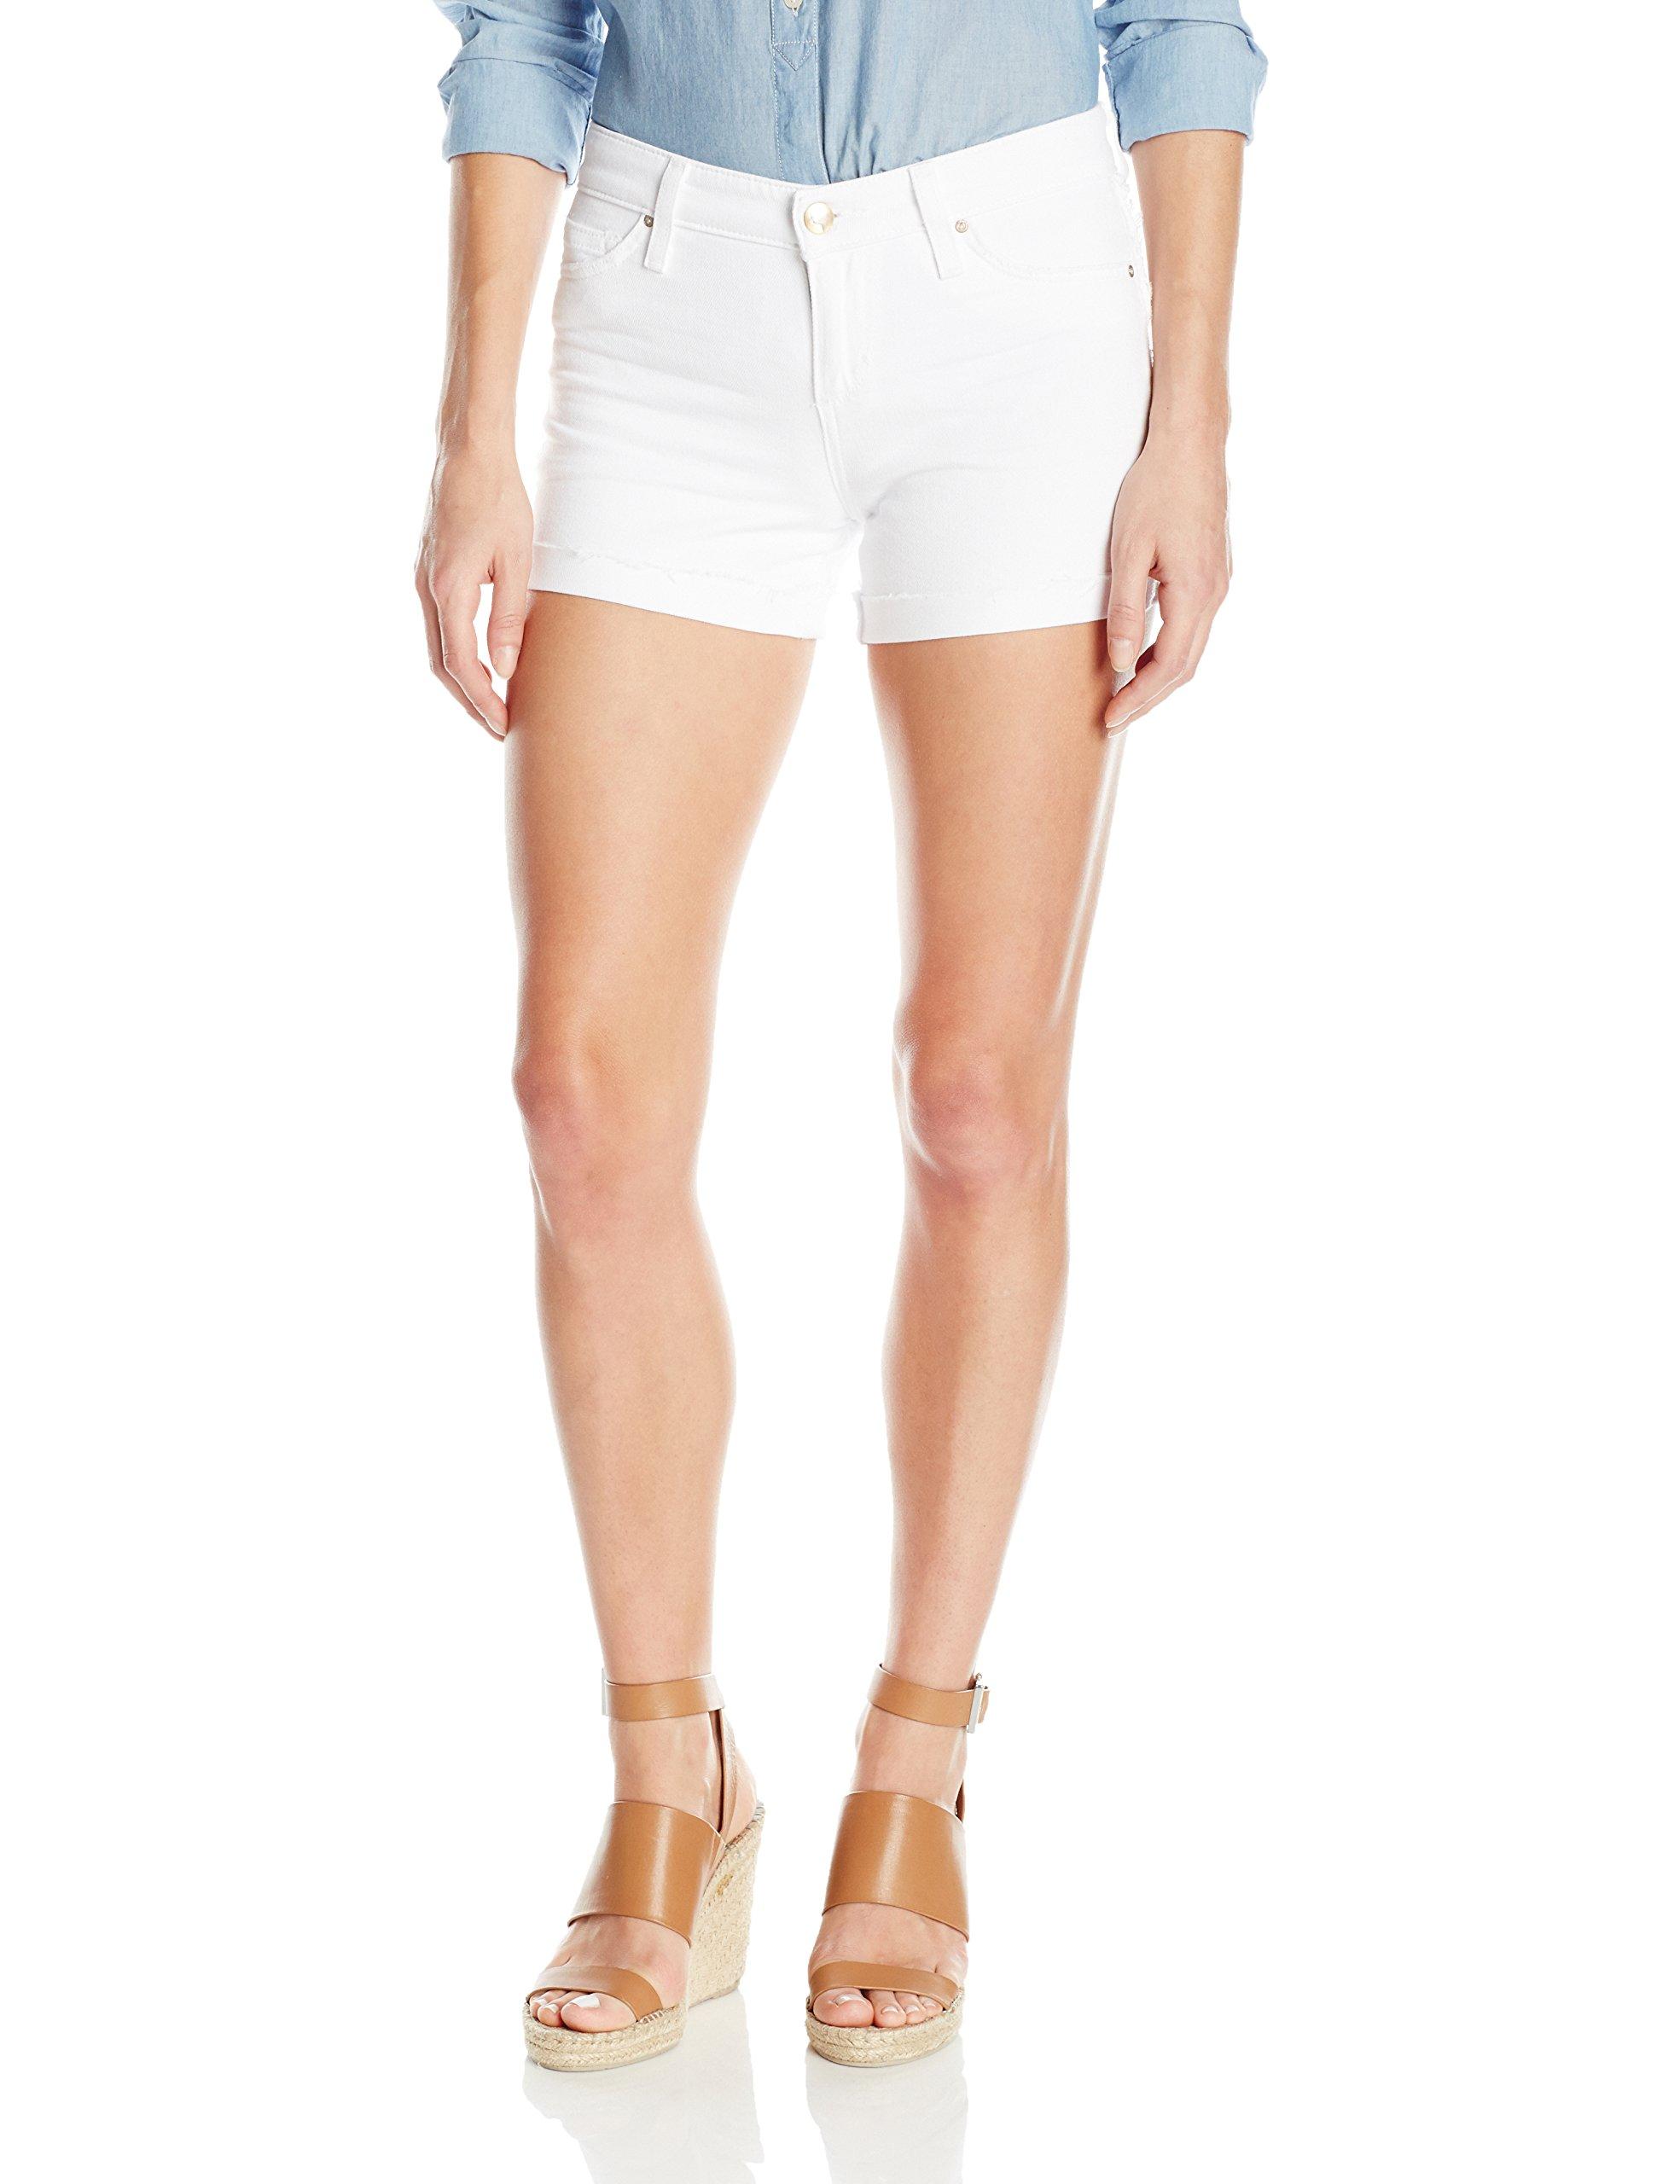 Joe's Jeans Women's Turn up Cuff White Short, Kerri, 25 by Joe's Jeans